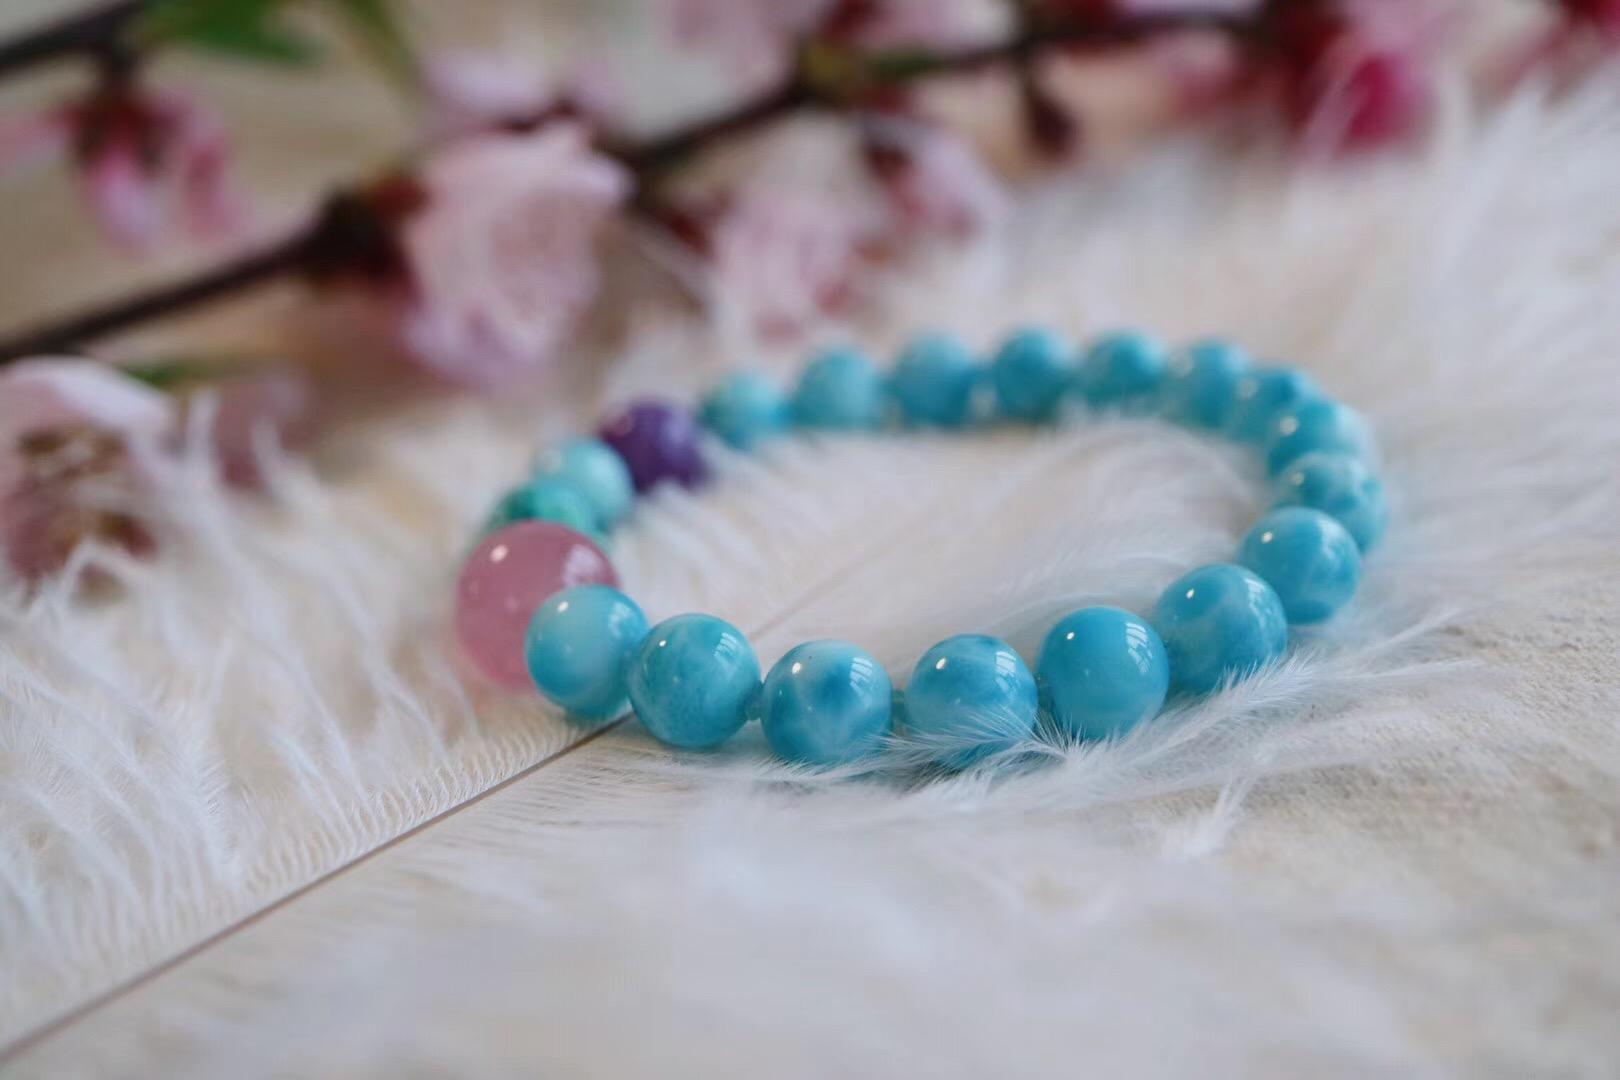 【 海纹石】柔和的色彩具有治愈效果-菩心晶舍